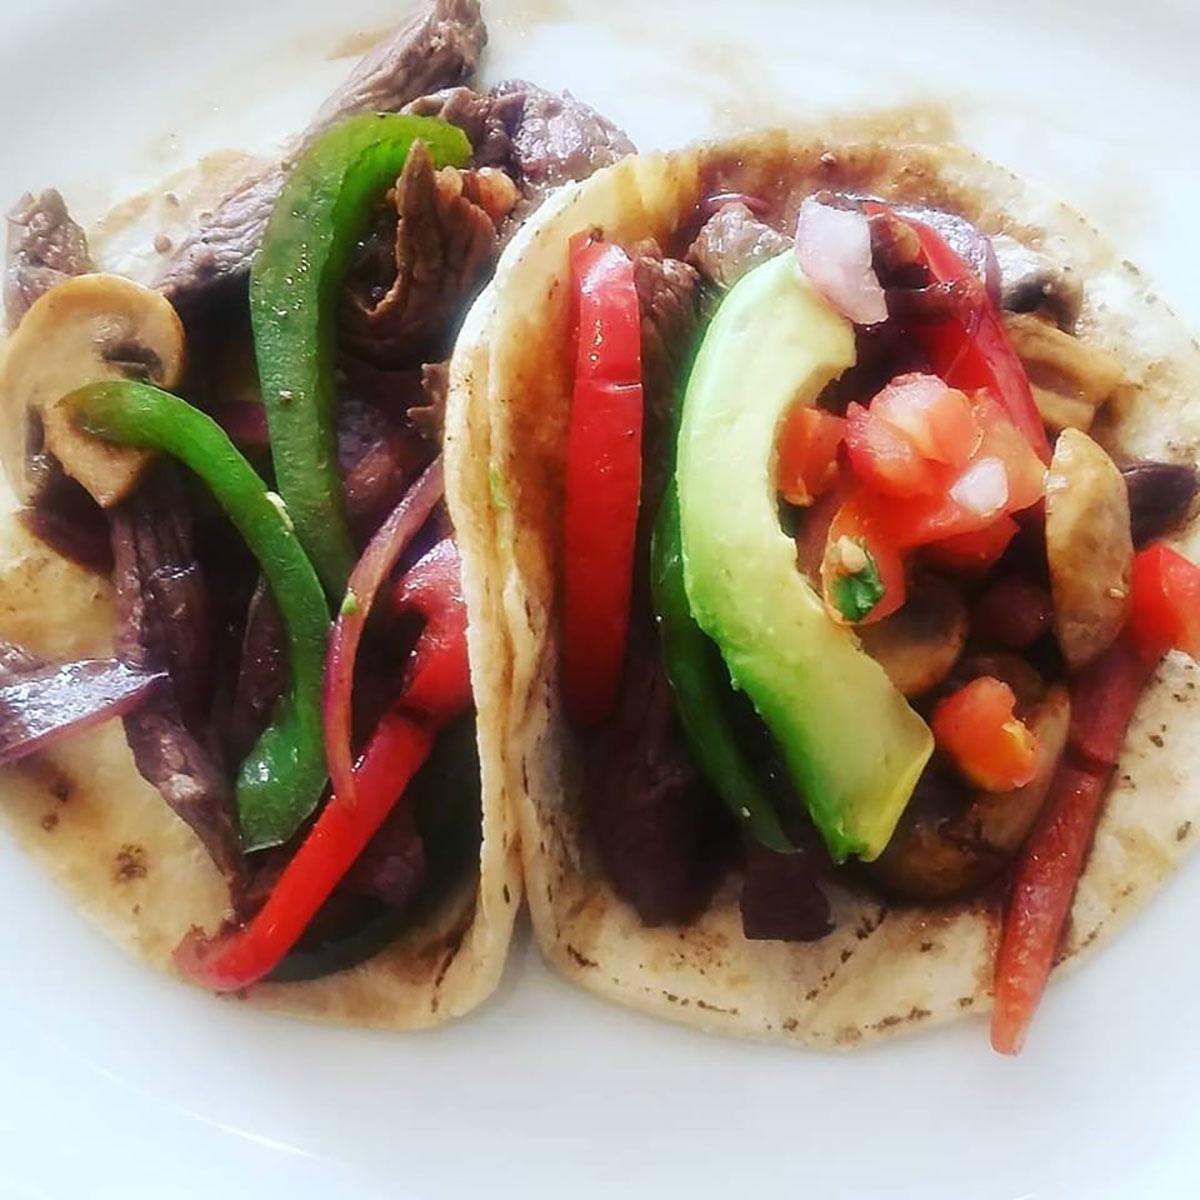 Best Tacos in Calgary - Heaven restaurant